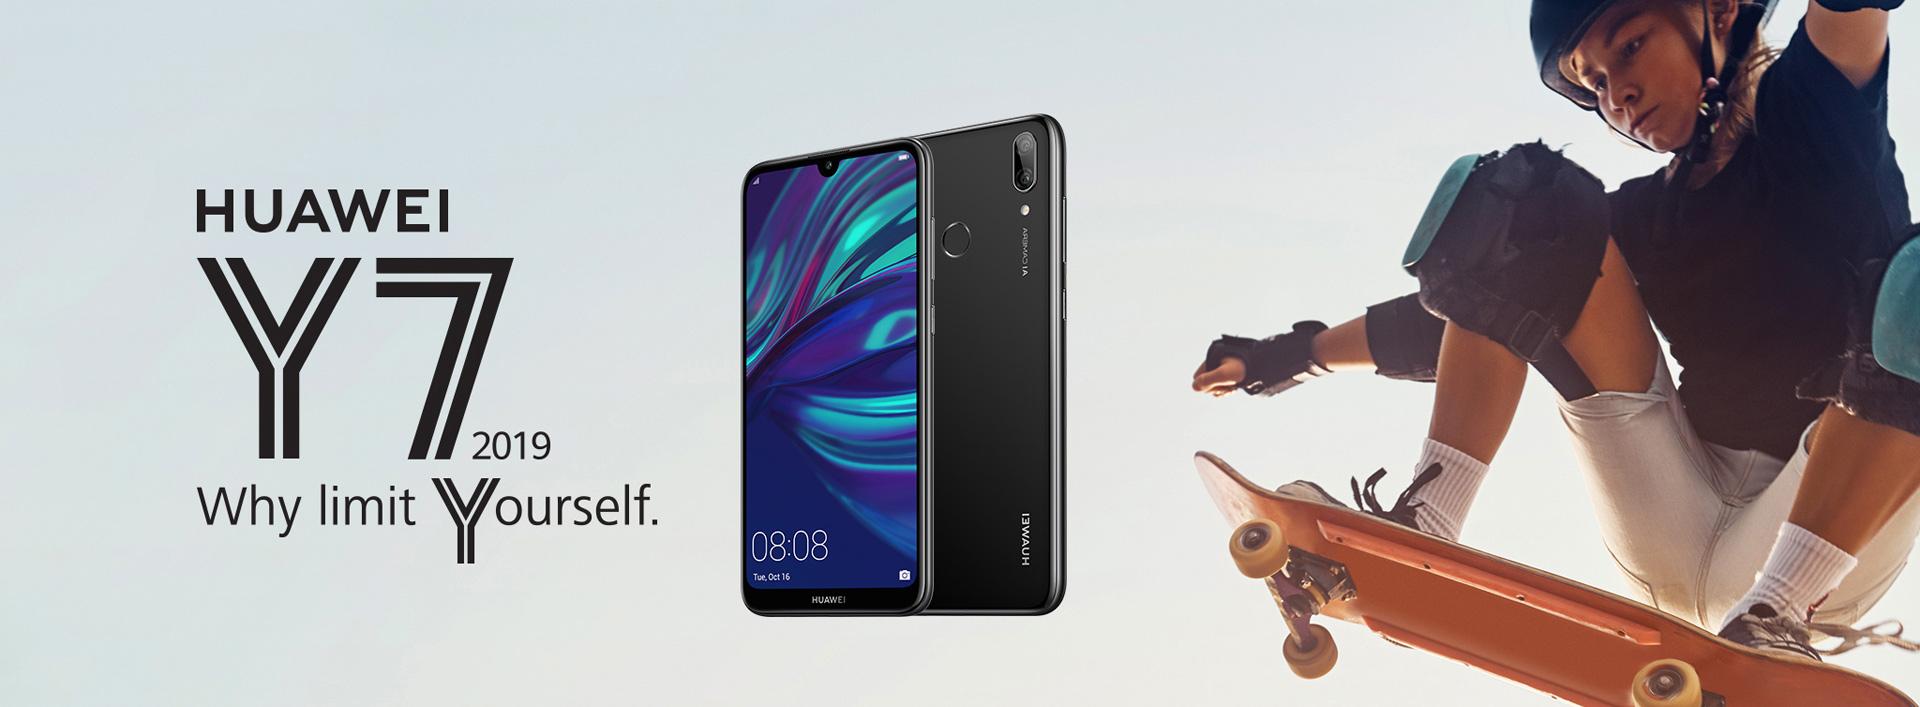 HUAWEI Y7 2019, big screen, big battery, dual AI camera